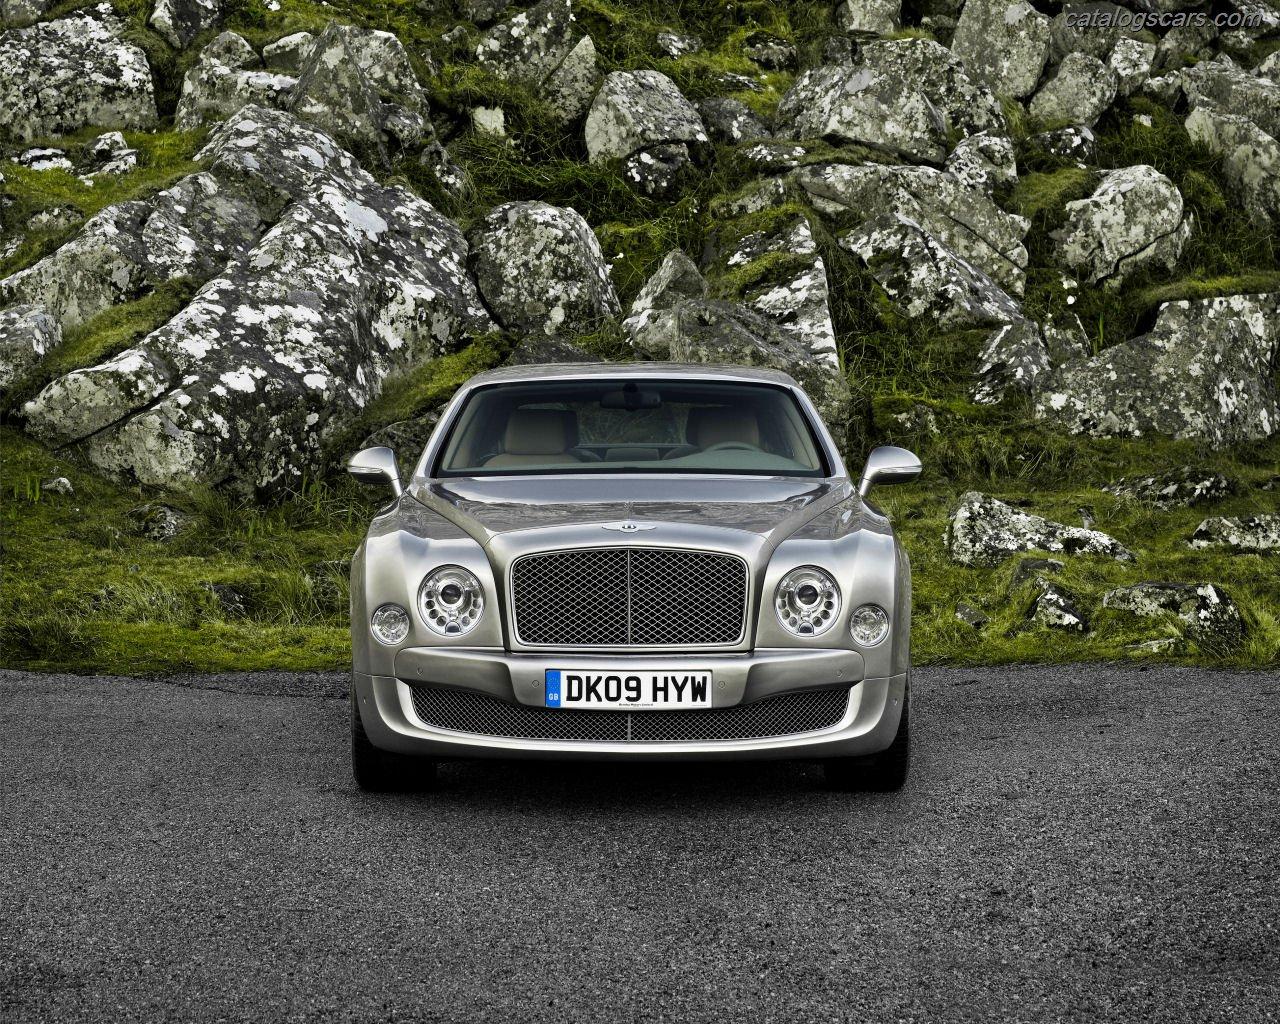 صور سيارة بنتلى مولسان 2014 - اجمل خلفيات صور عربية بنتلى مولسان 2014 - Bentley Mulsanne Photos Bentley-Mulsanne-2011-14.jpg